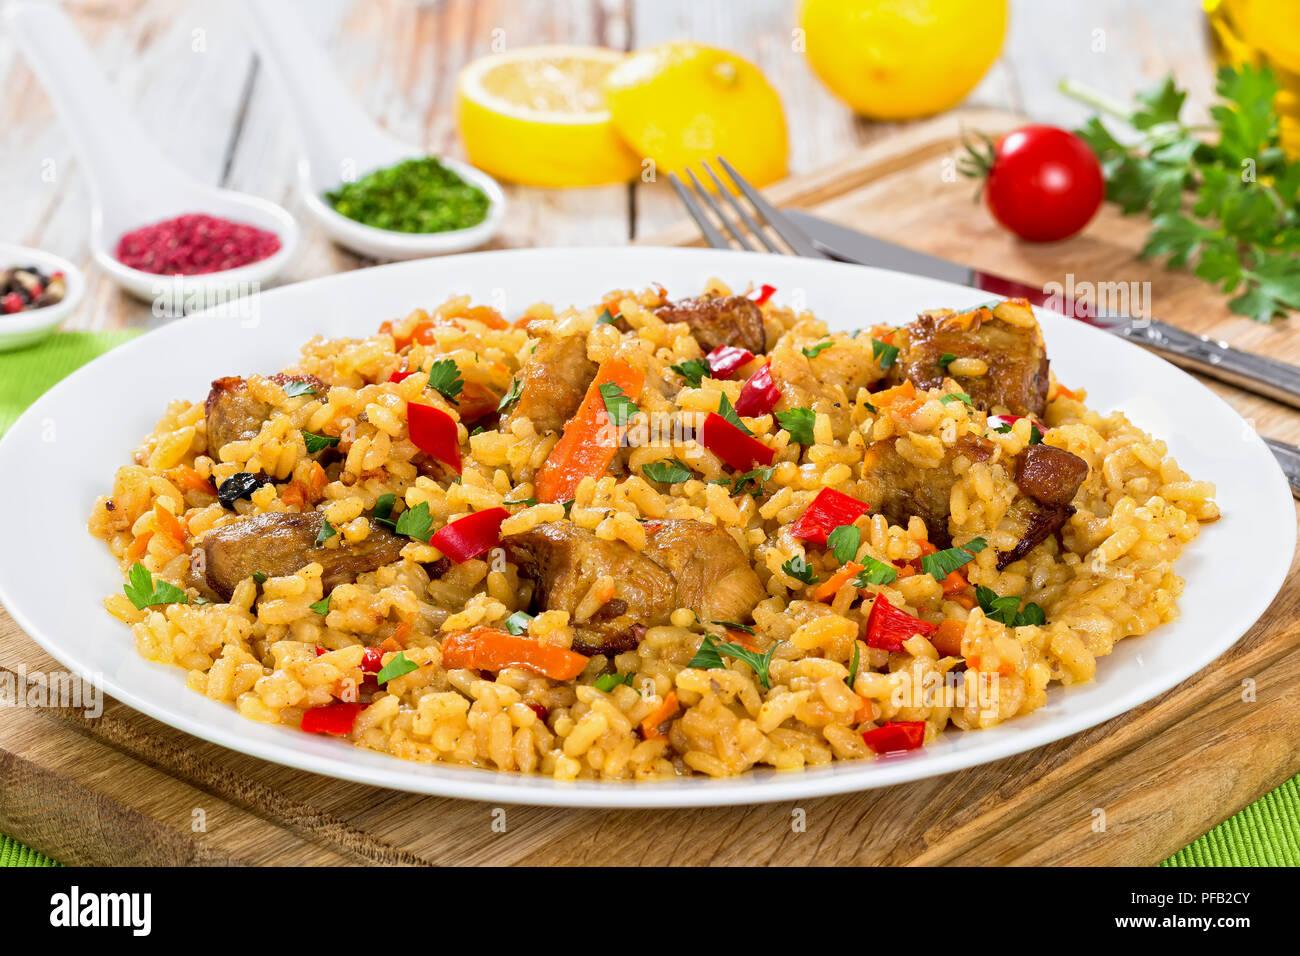 La paella avec de la viande, le poivre, les légumes et les épices à plat sur une planche à découper, tranche de citron, épices et tomates cerises sur arrière-plan, Vue de dessus, le clos Banque D'Images